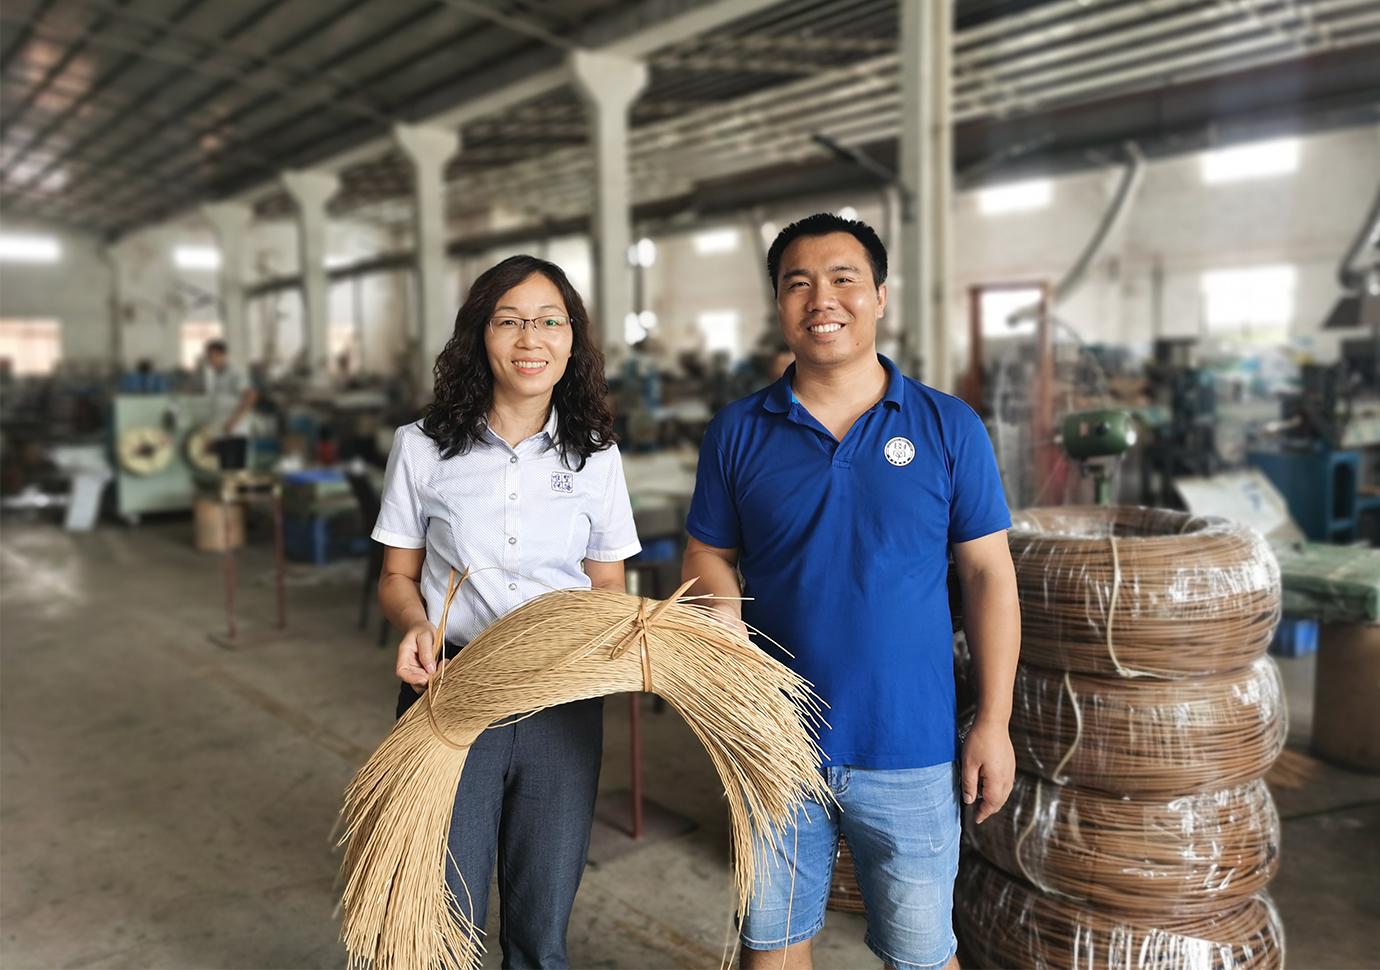 浩比科塑胶制品有限公司 (2)